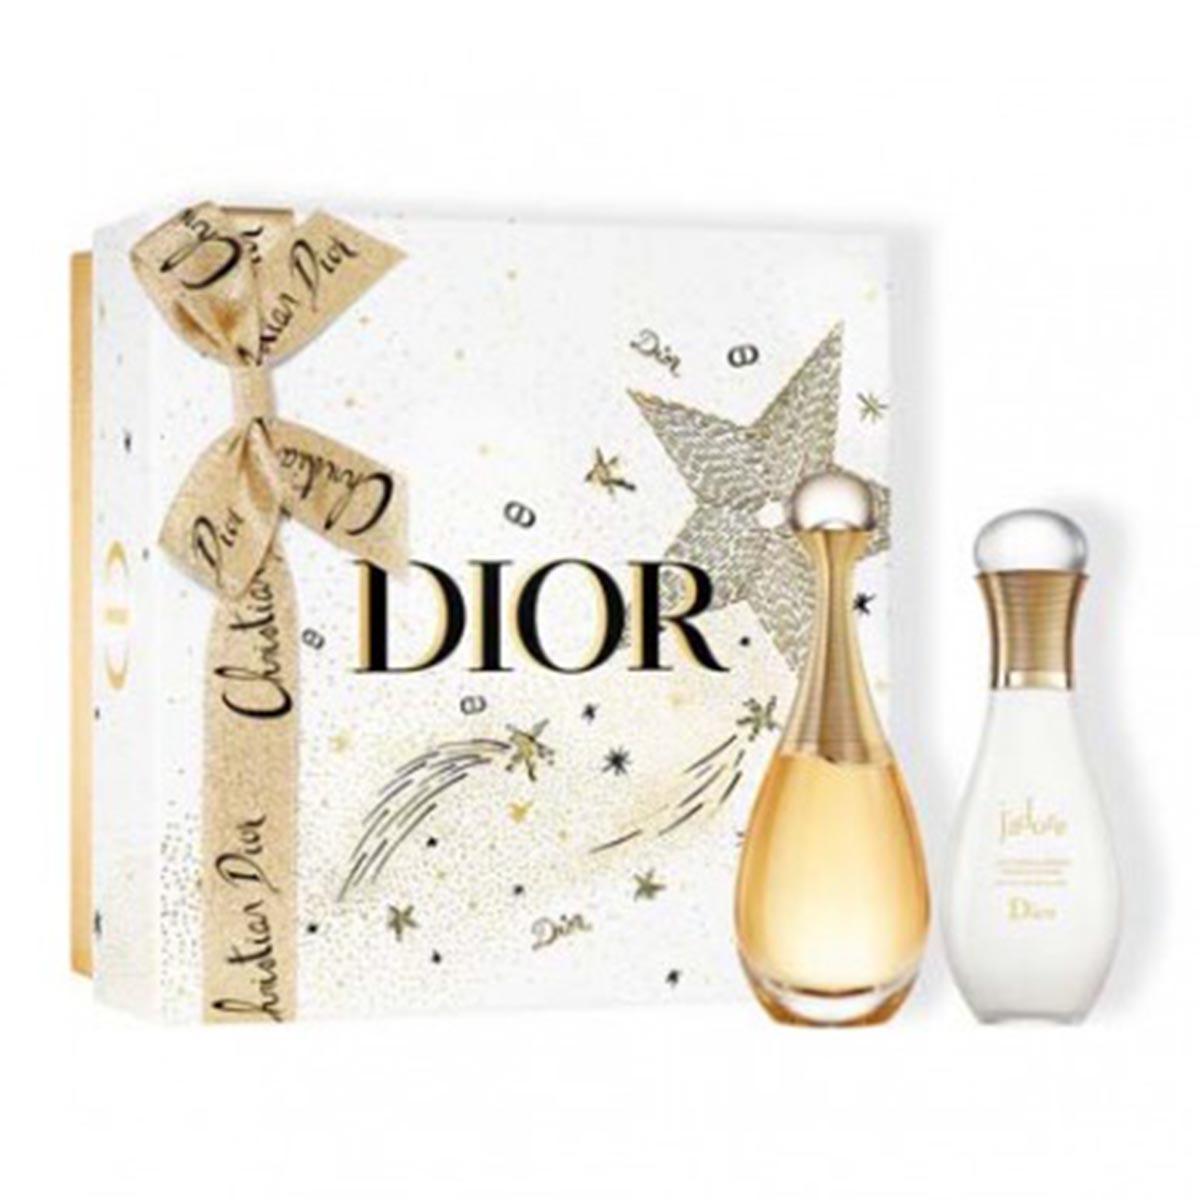 Dior j adore eau de parfum 1un perfumed body lait 75ml